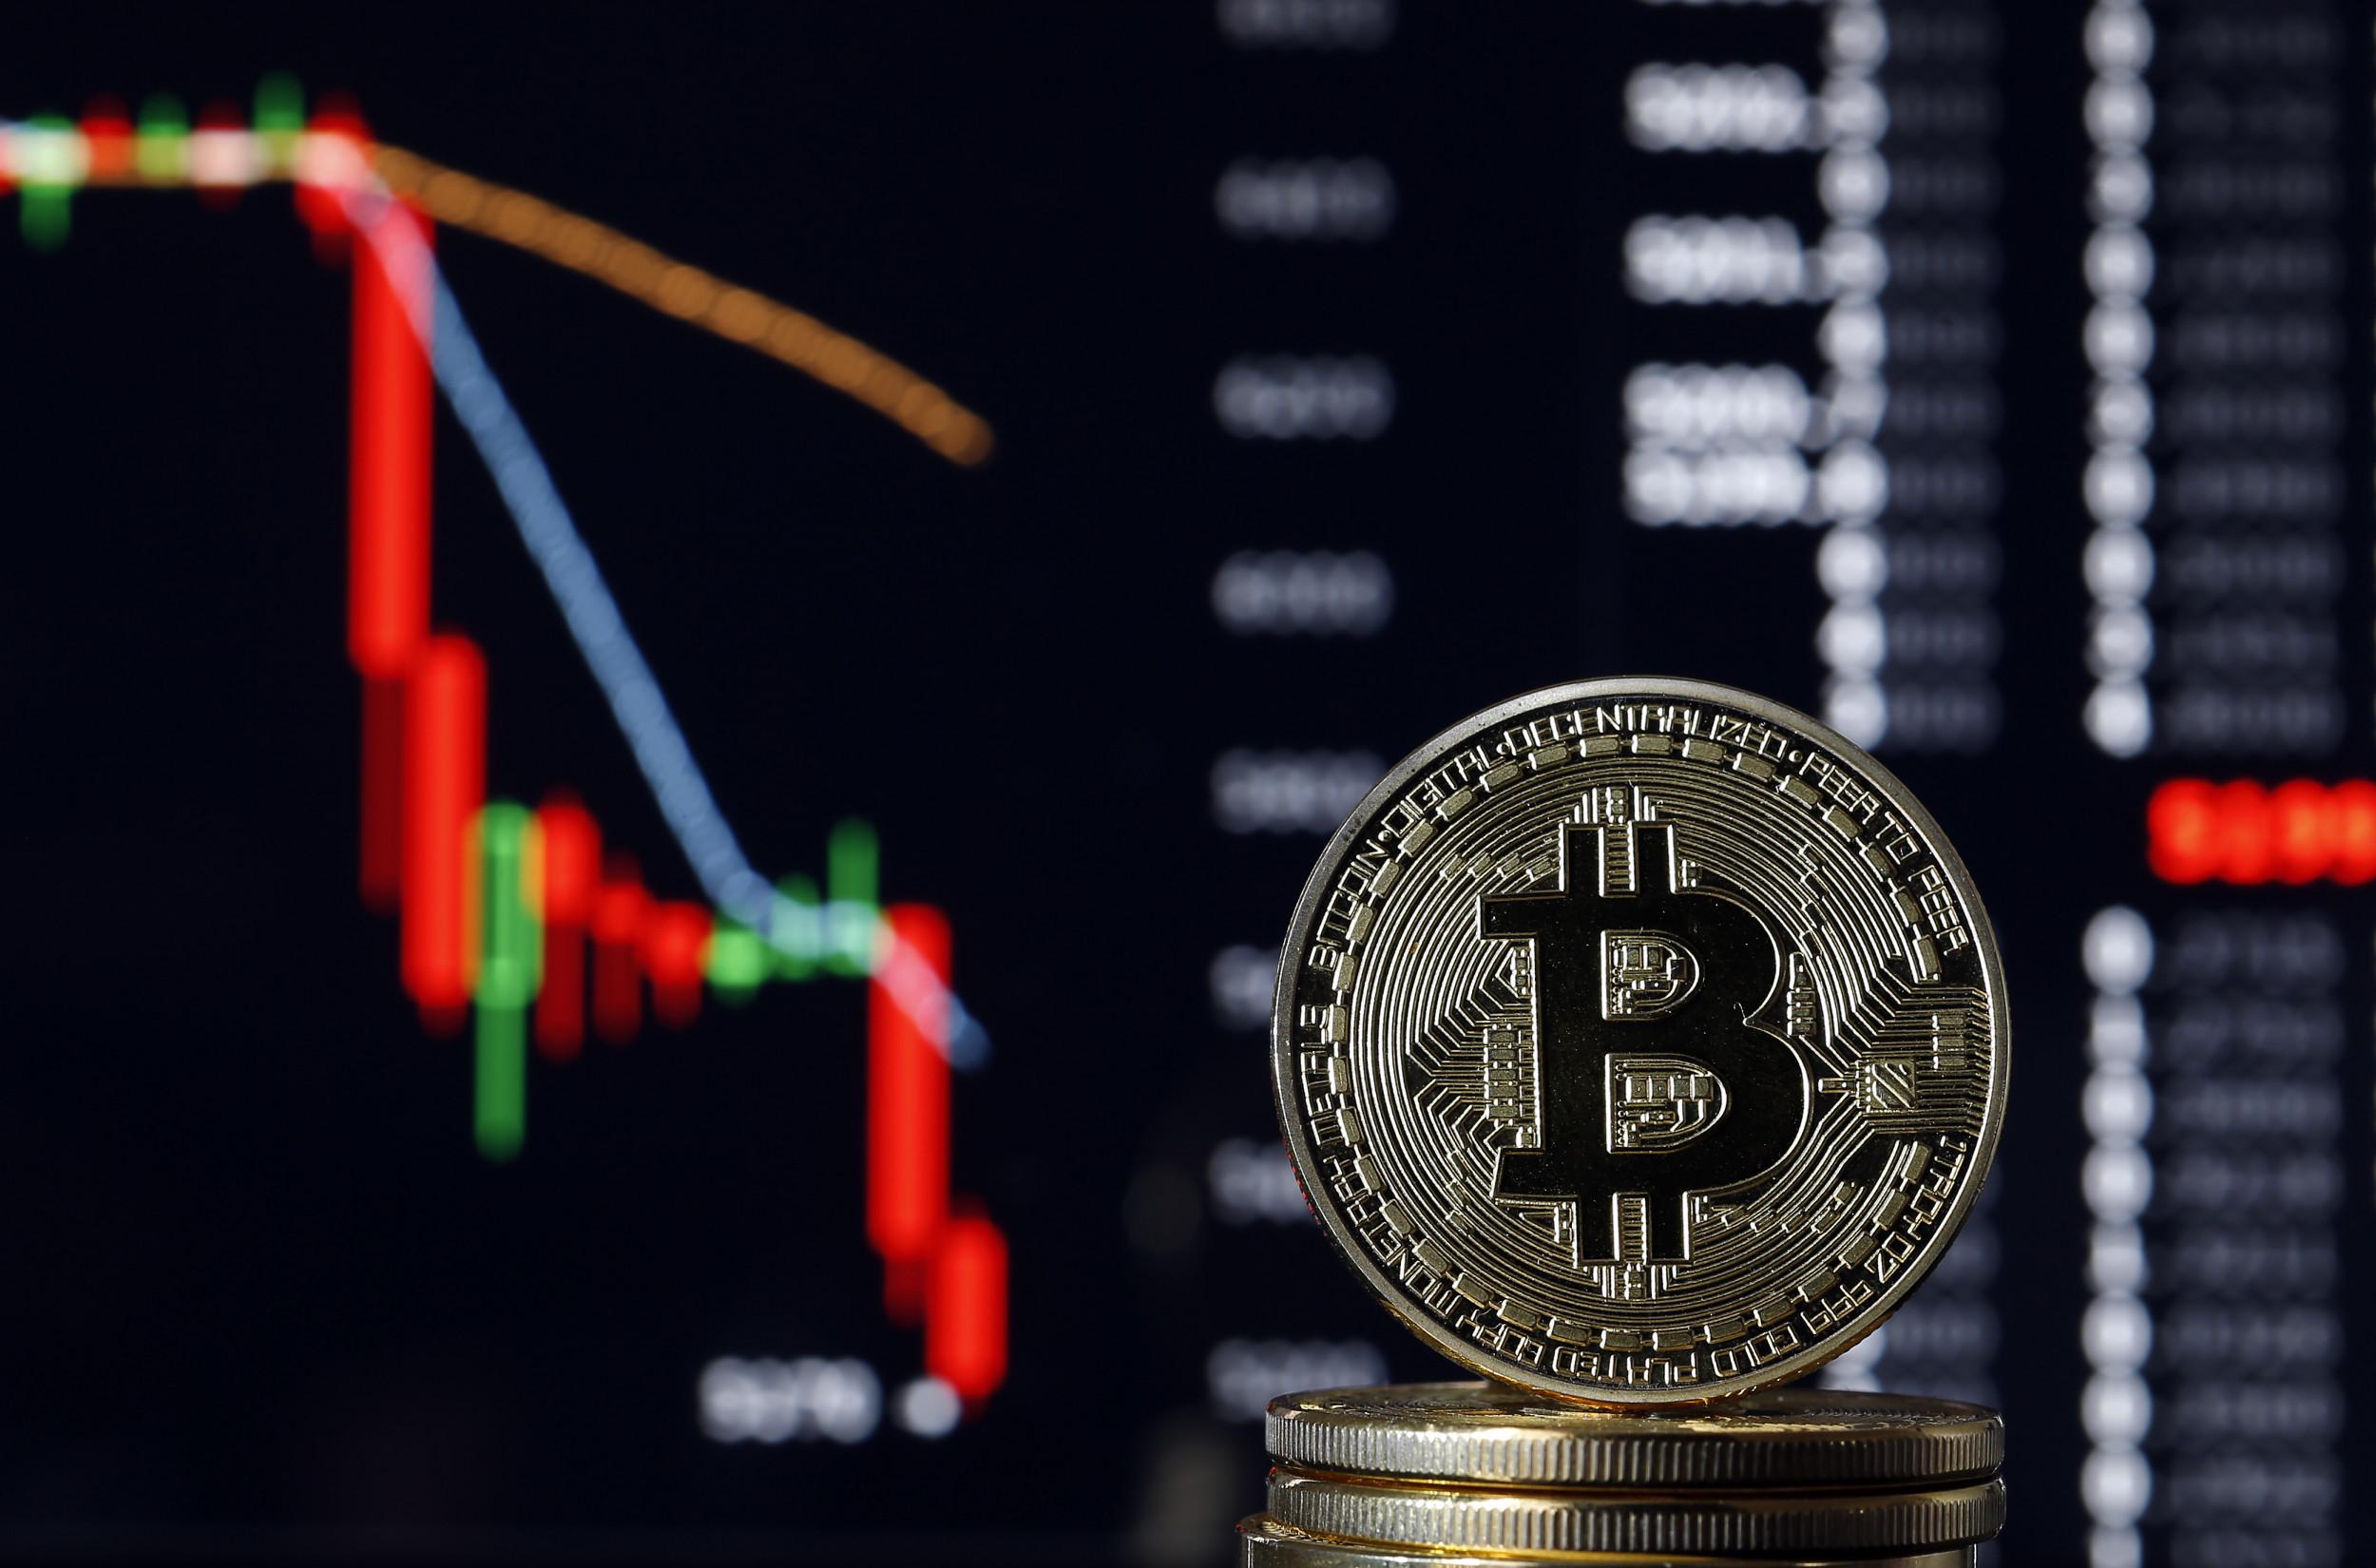 Kripto Paralardaki Düşüş Kaldıraçlı İşlemlerde 500 Milyon Doların Tasfiyesine Yol Açtı